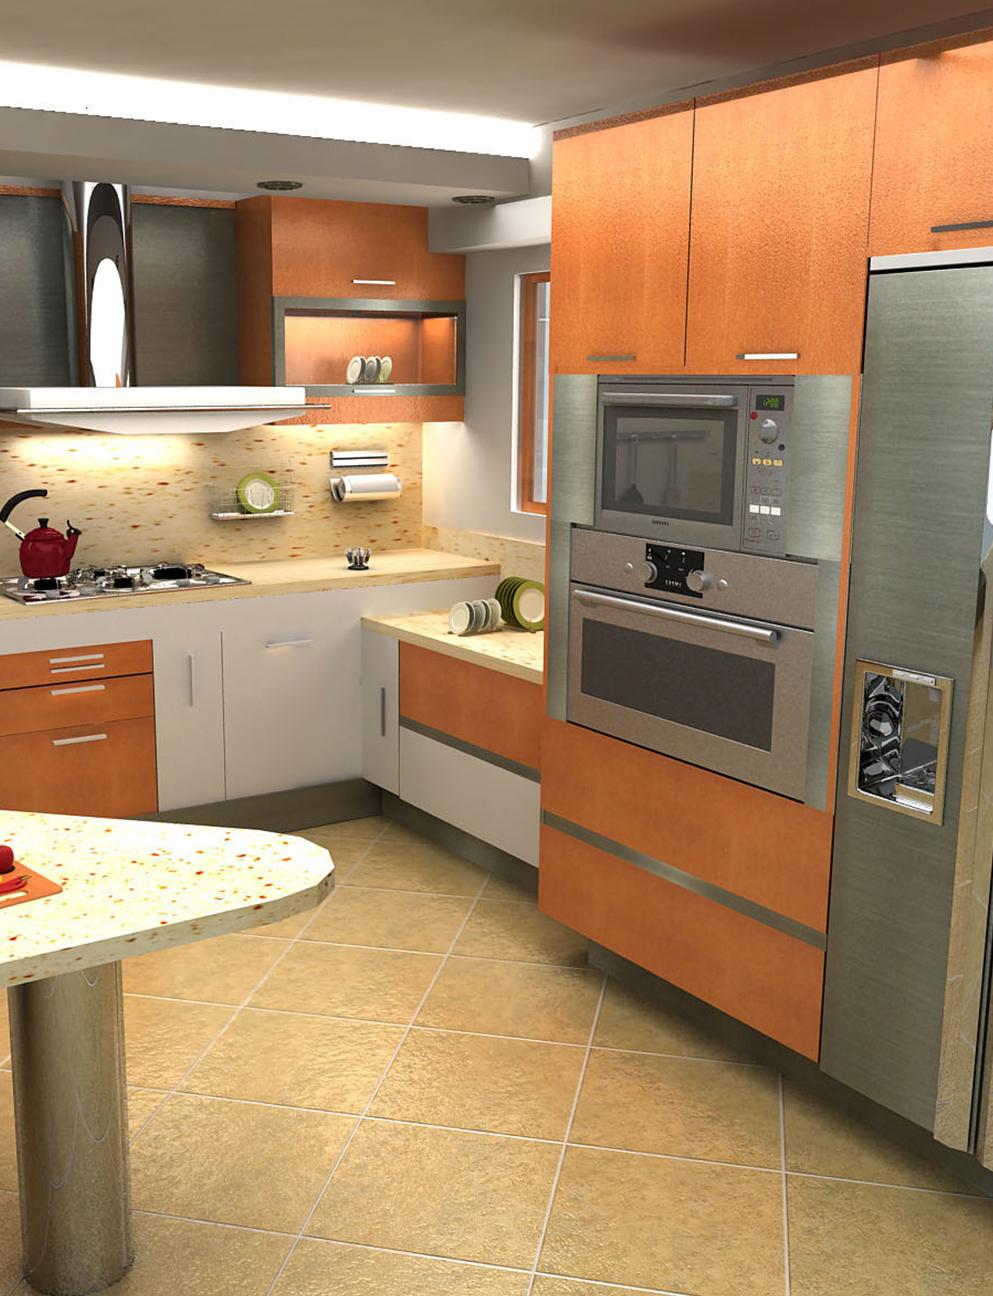 Cocinas y ba os remodelaci nes instalaci nes al mejor for Banos y cocinas uruguay